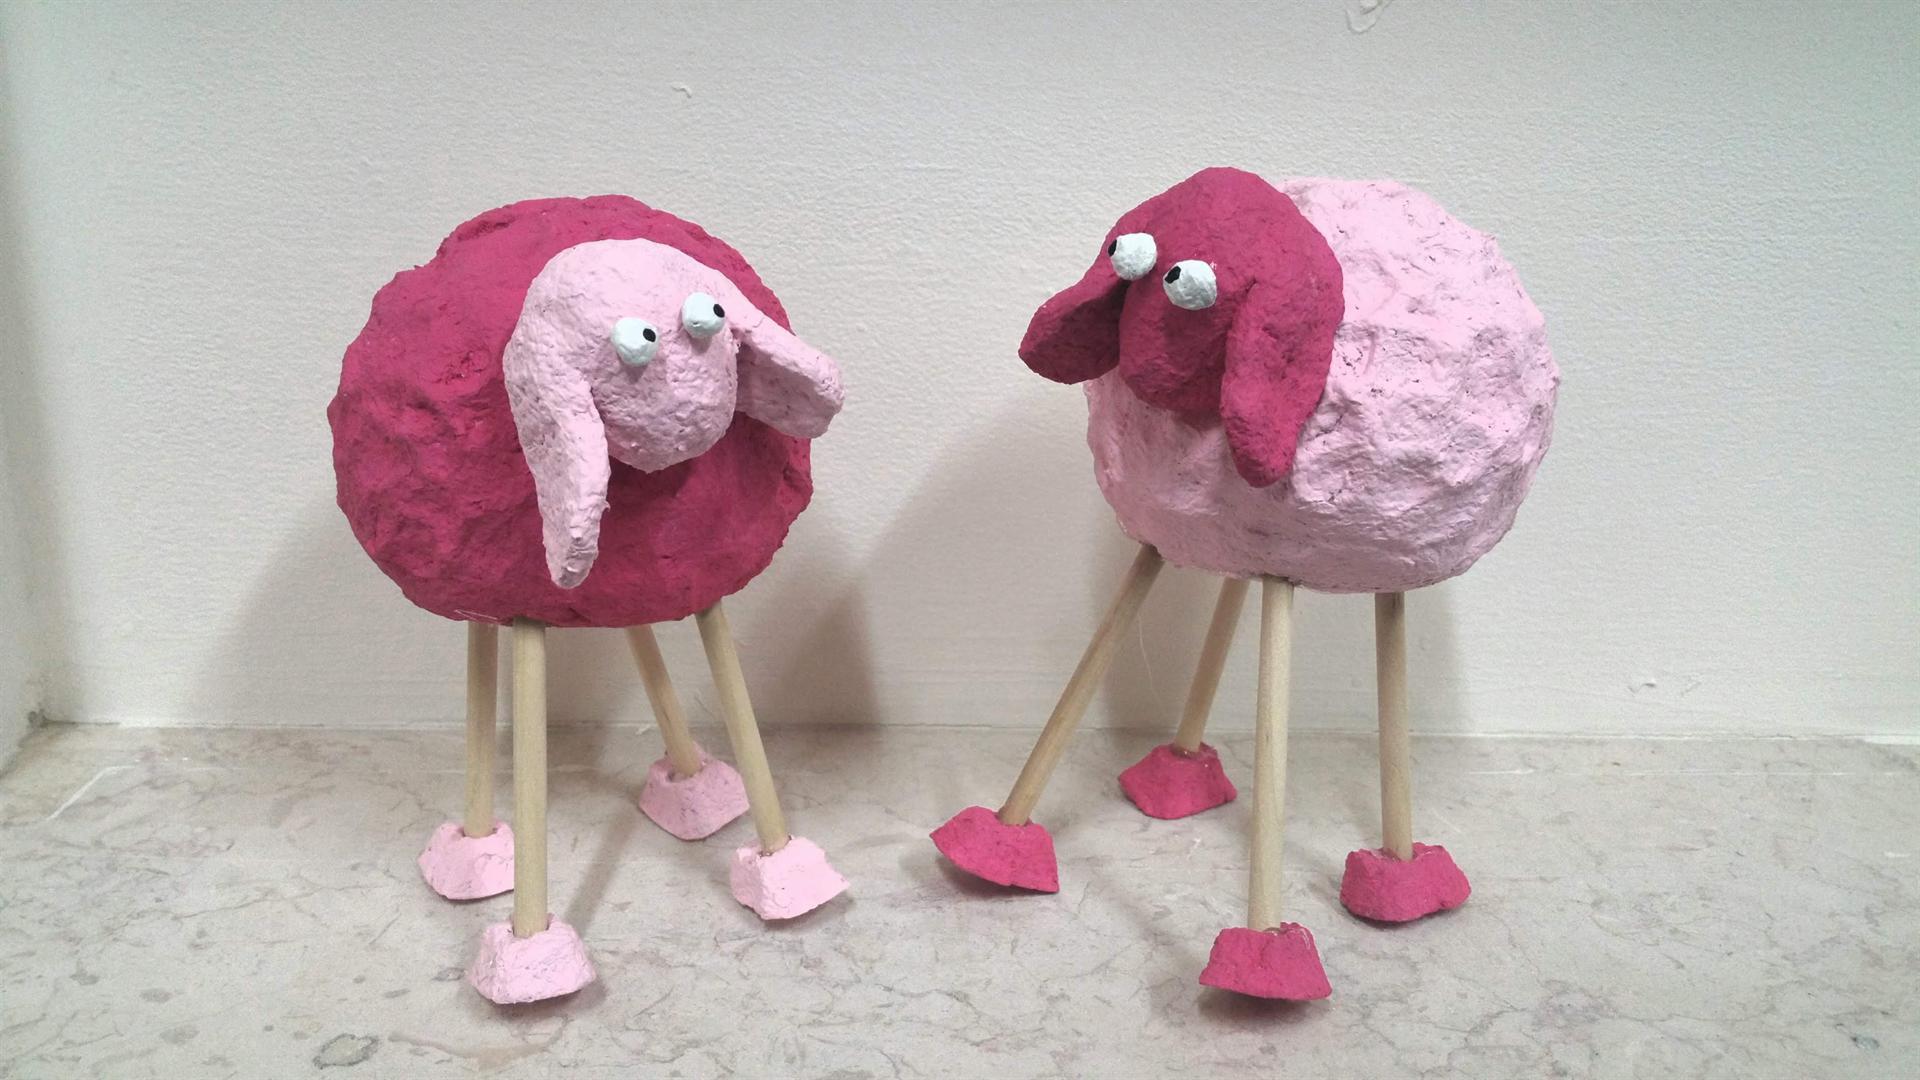 כבשים של מיכל